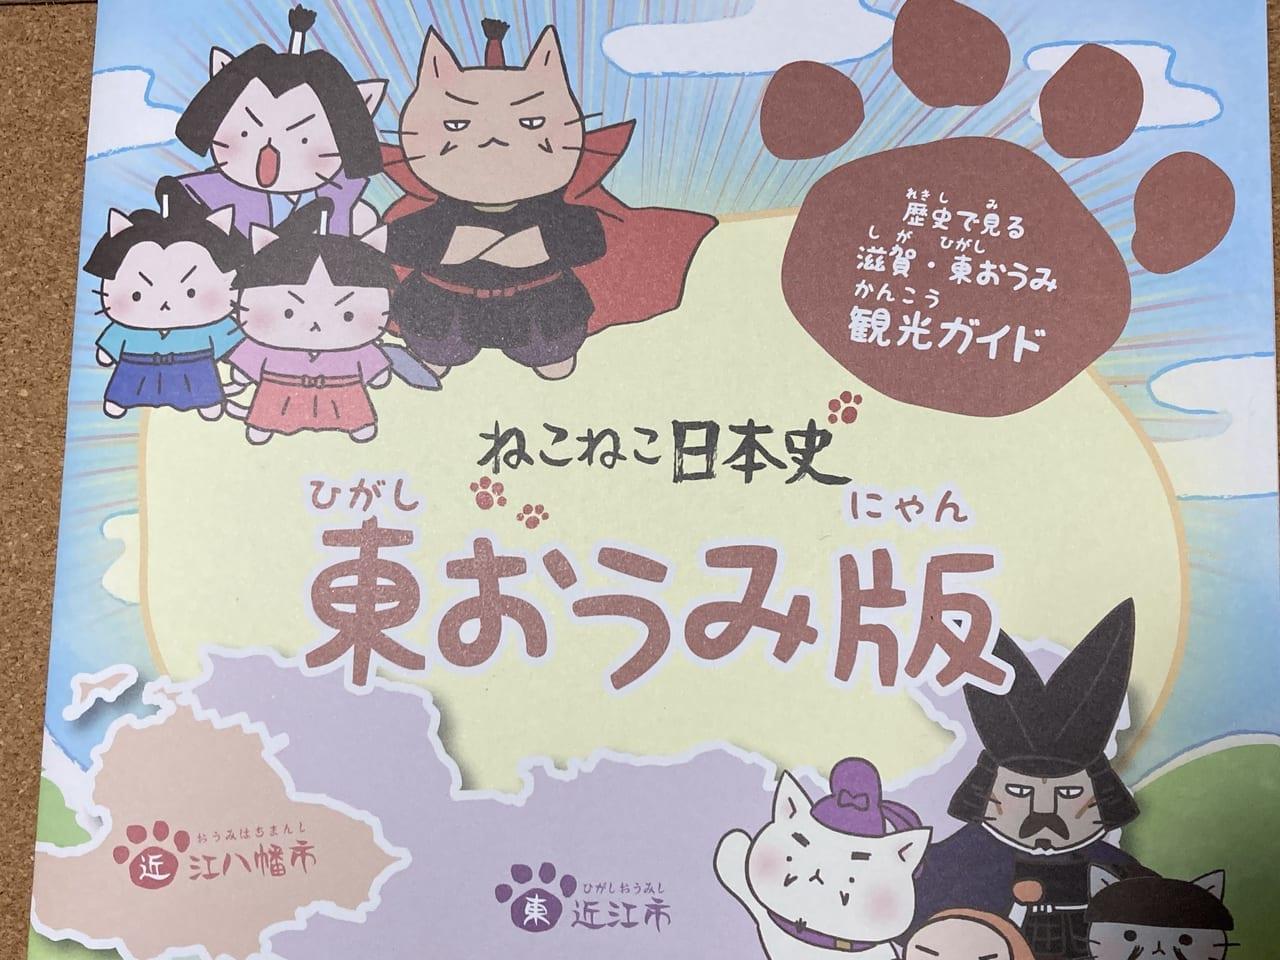 ねこねこ日本史~東おうみ版(にゃん)4